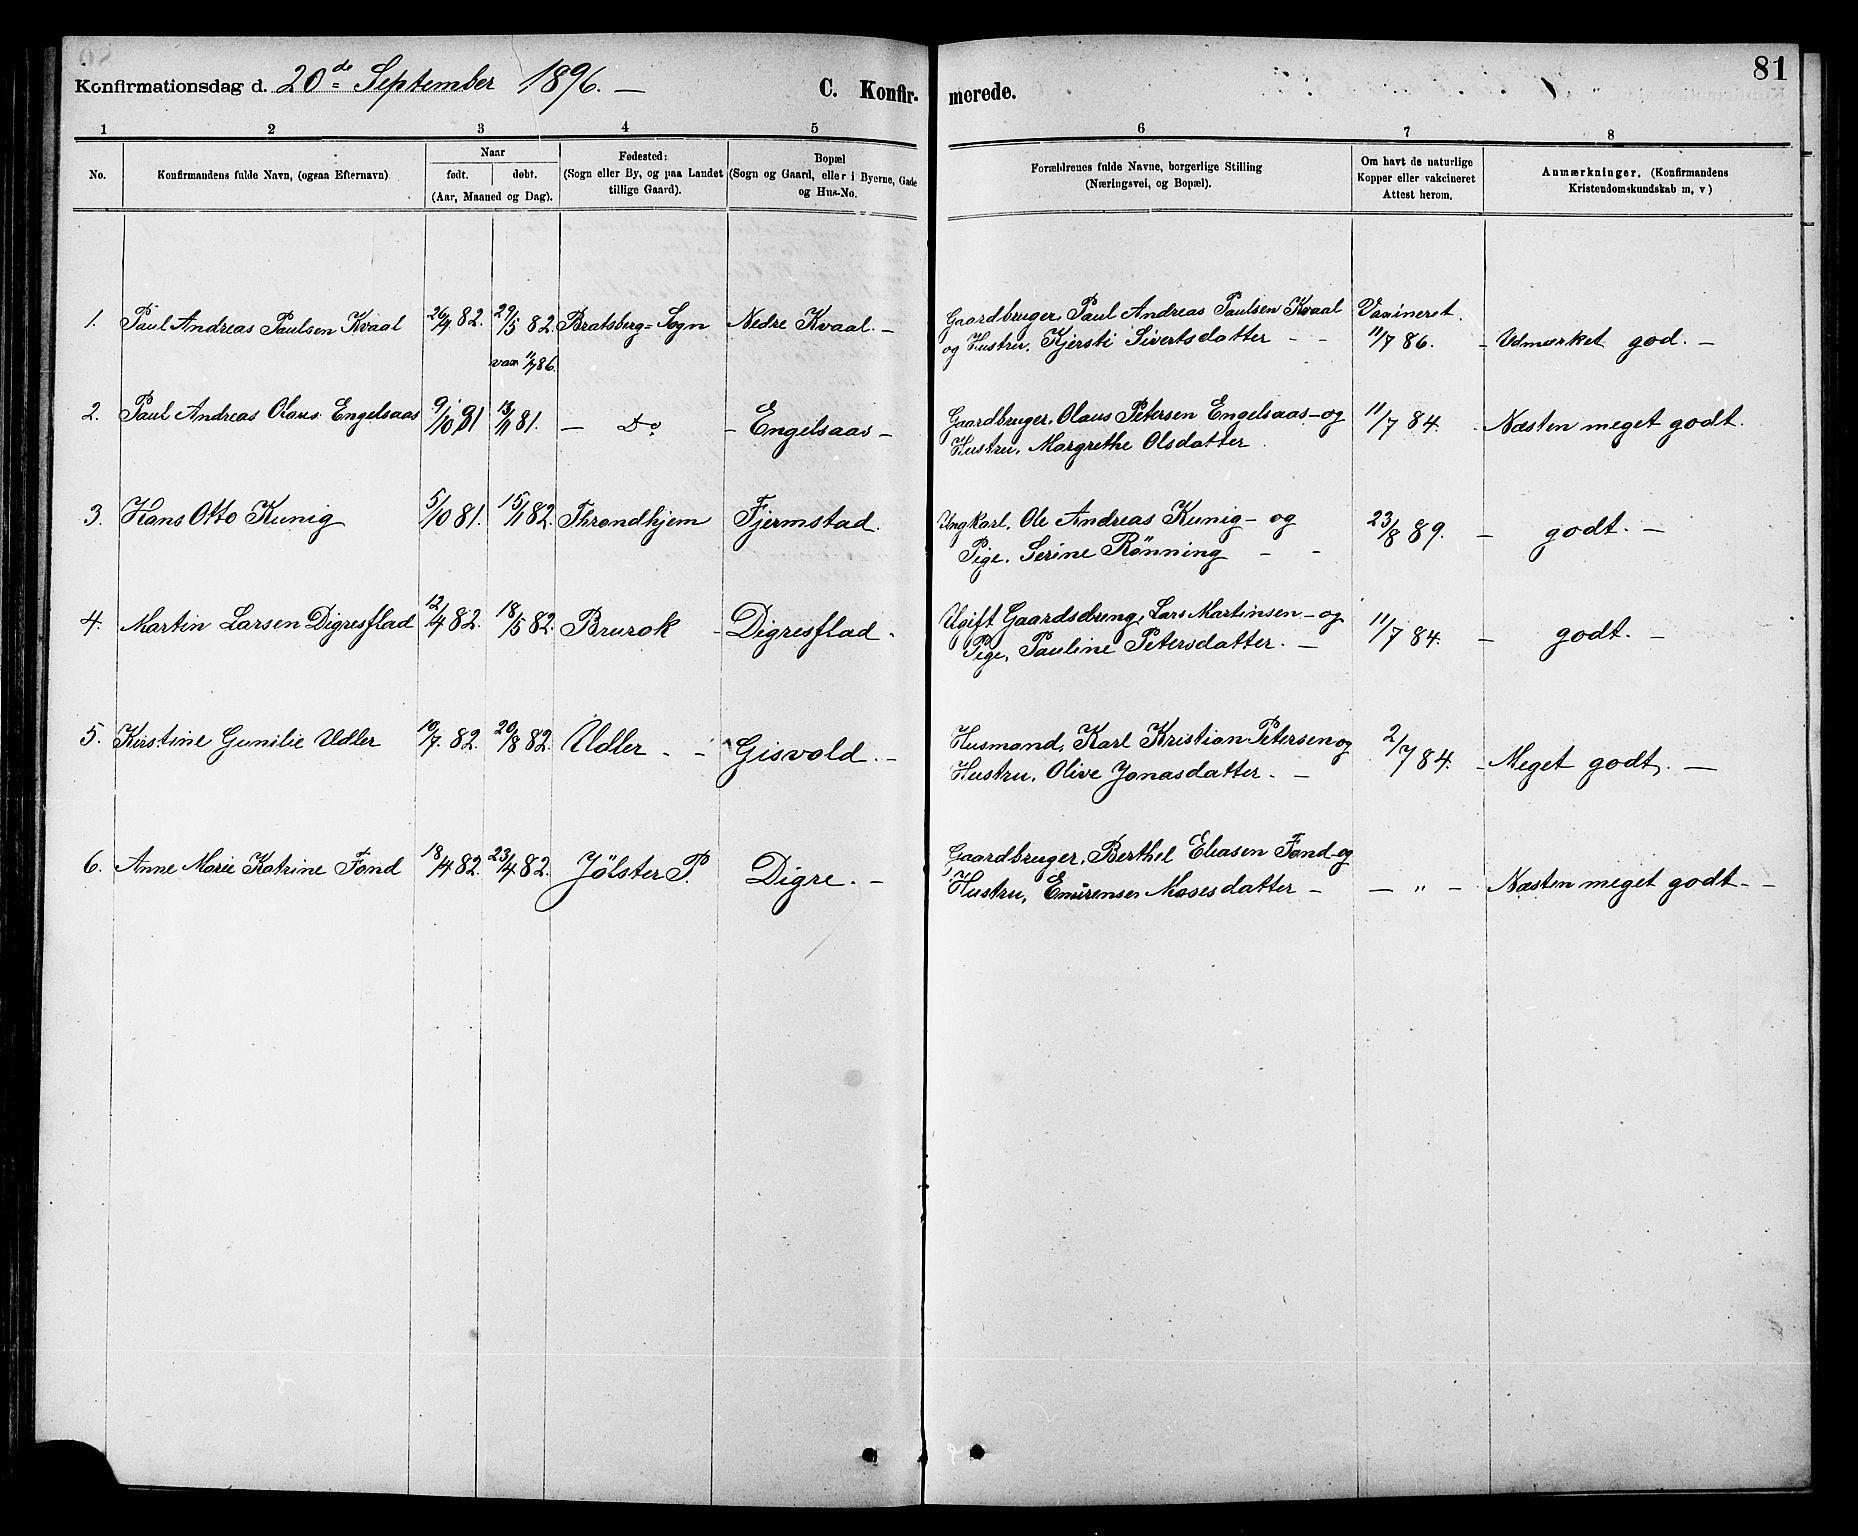 SAT, Ministerialprotokoller, klokkerbøker og fødselsregistre - Sør-Trøndelag, 608/L0341: Klokkerbok nr. 608C07, 1890-1912, s. 81